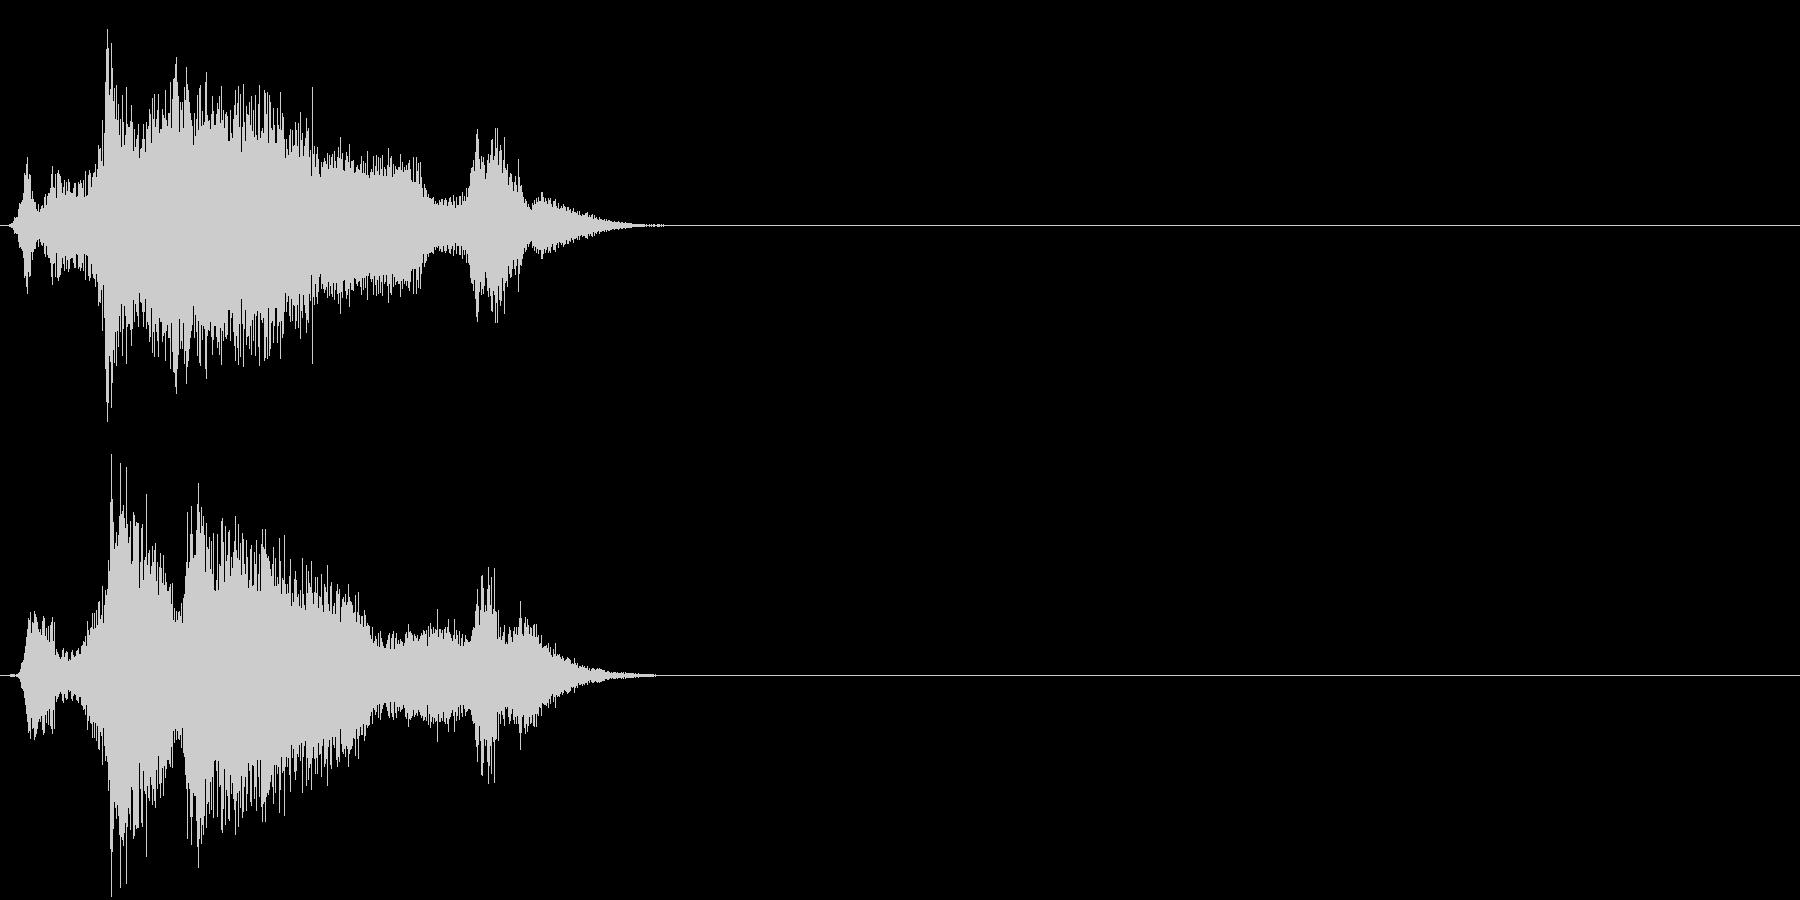 【ゲーム3】刀 ジャキン シャキン 金属の未再生の波形